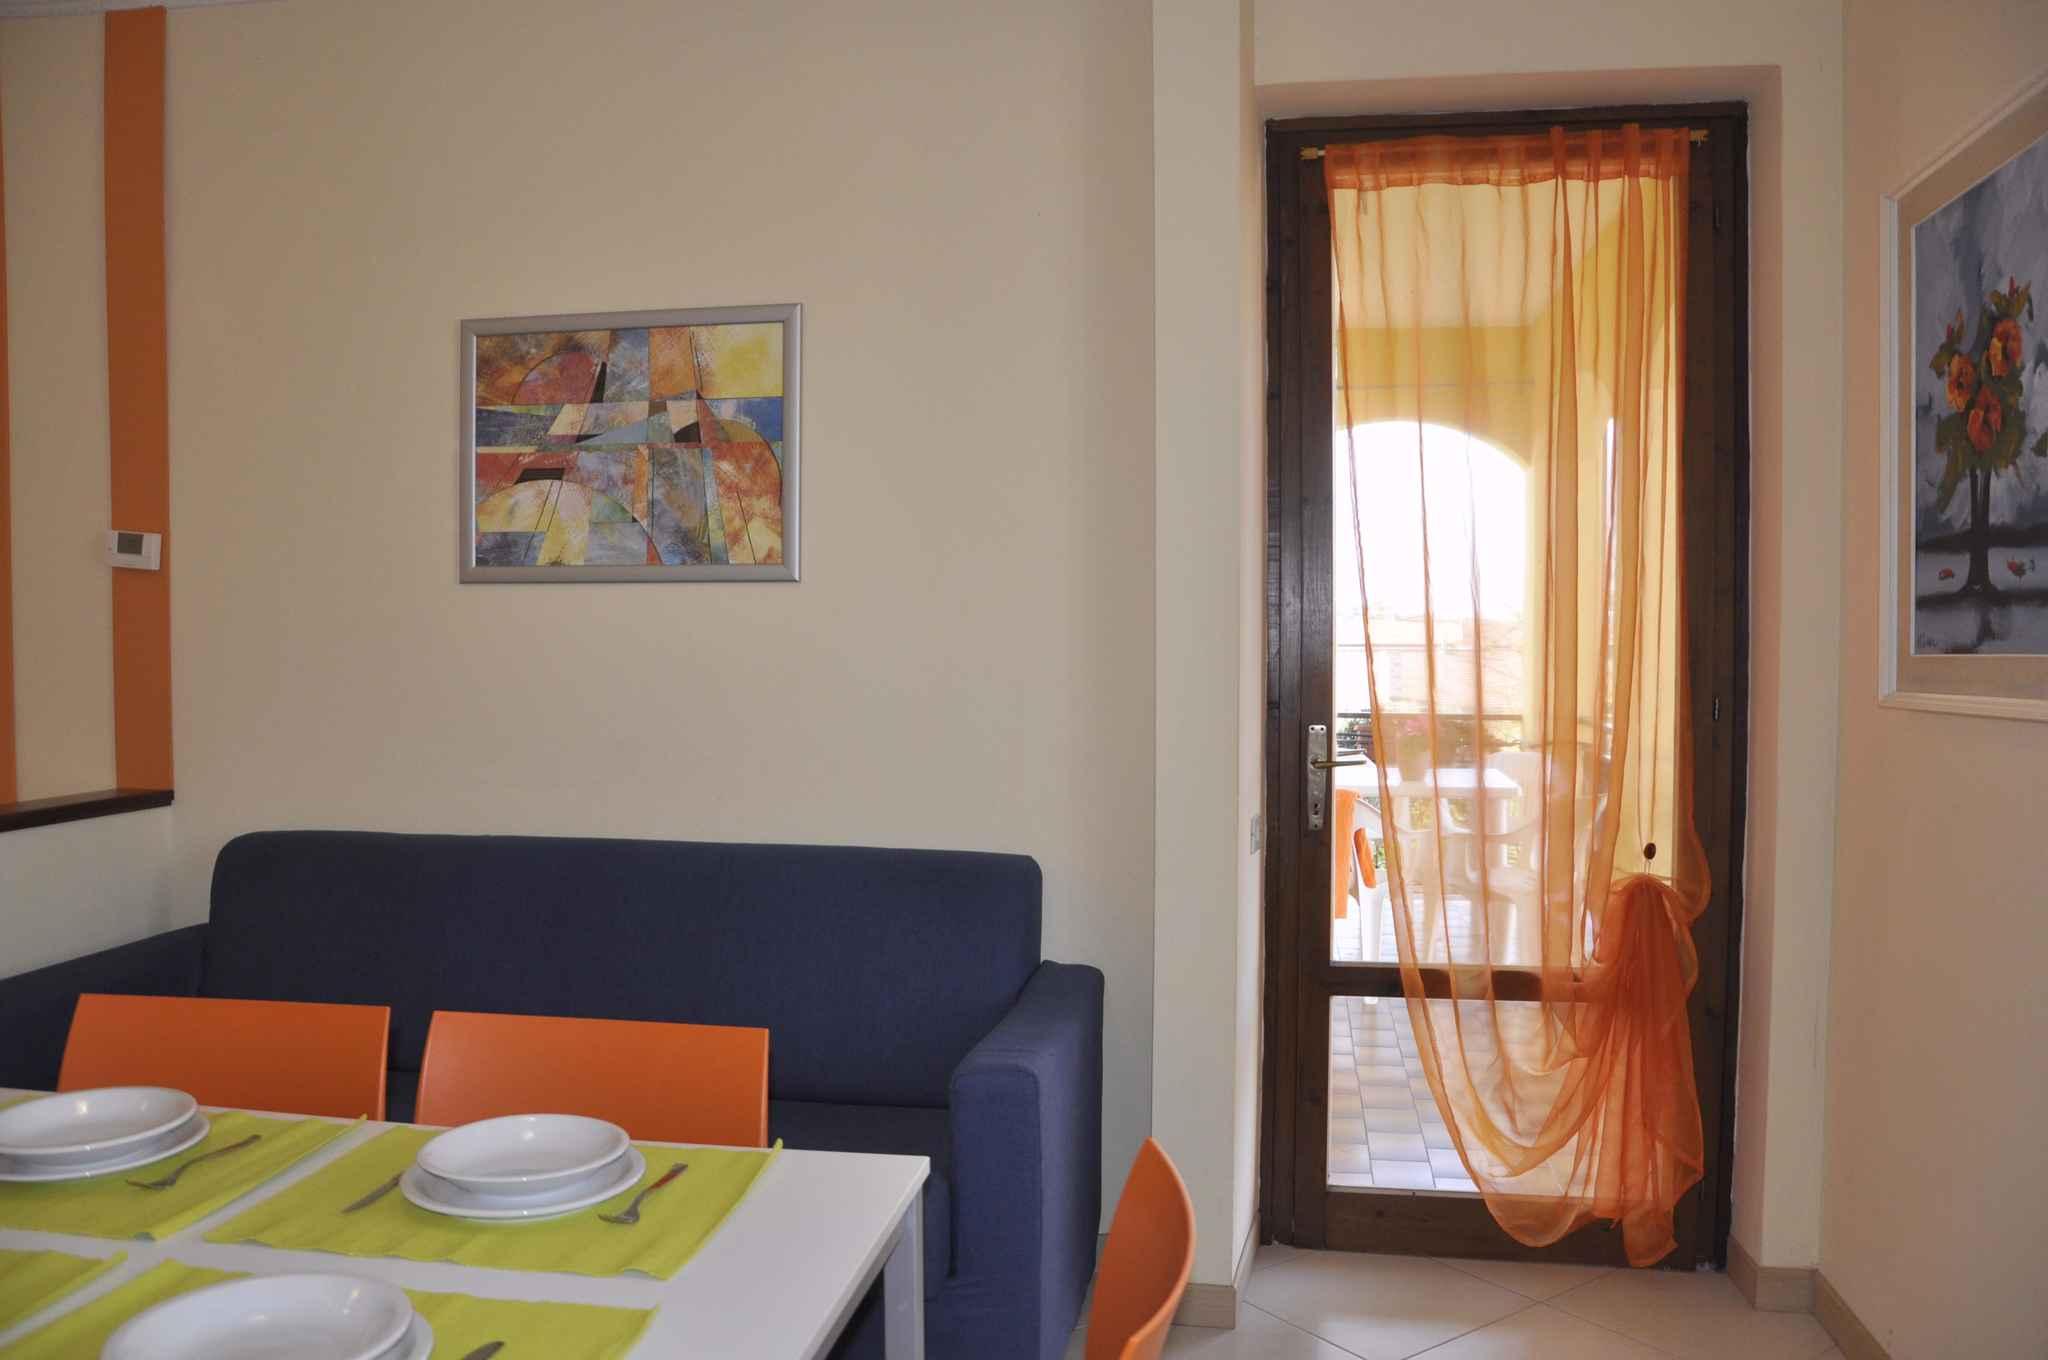 Ferienwohnung con piscina (279614), Lazise, Gardasee, Venetien, Italien, Bild 9